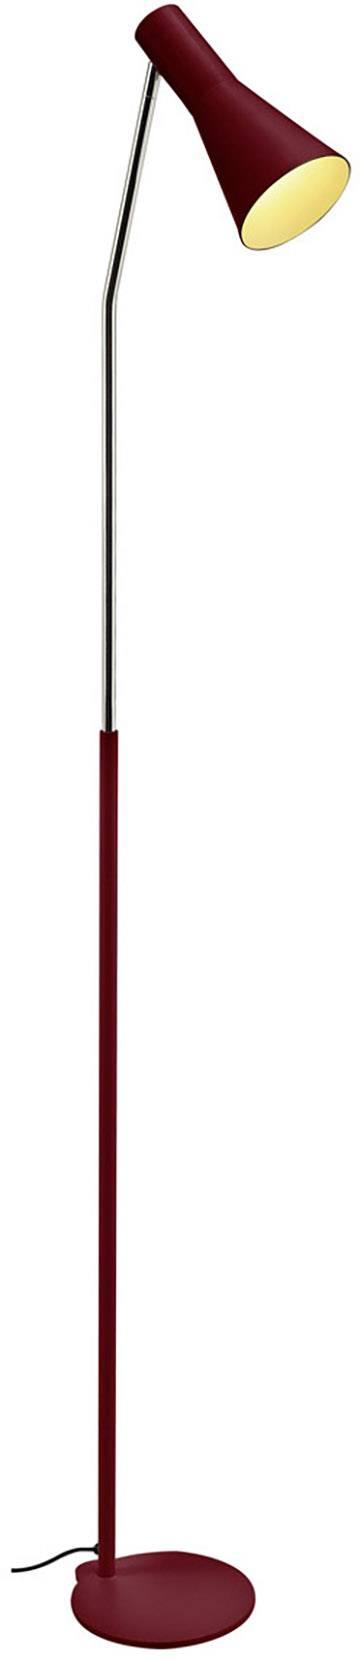 Stojanová lampa halogenová žárovka, LED E27 23 W SLV Phelia 146016 vínově červená